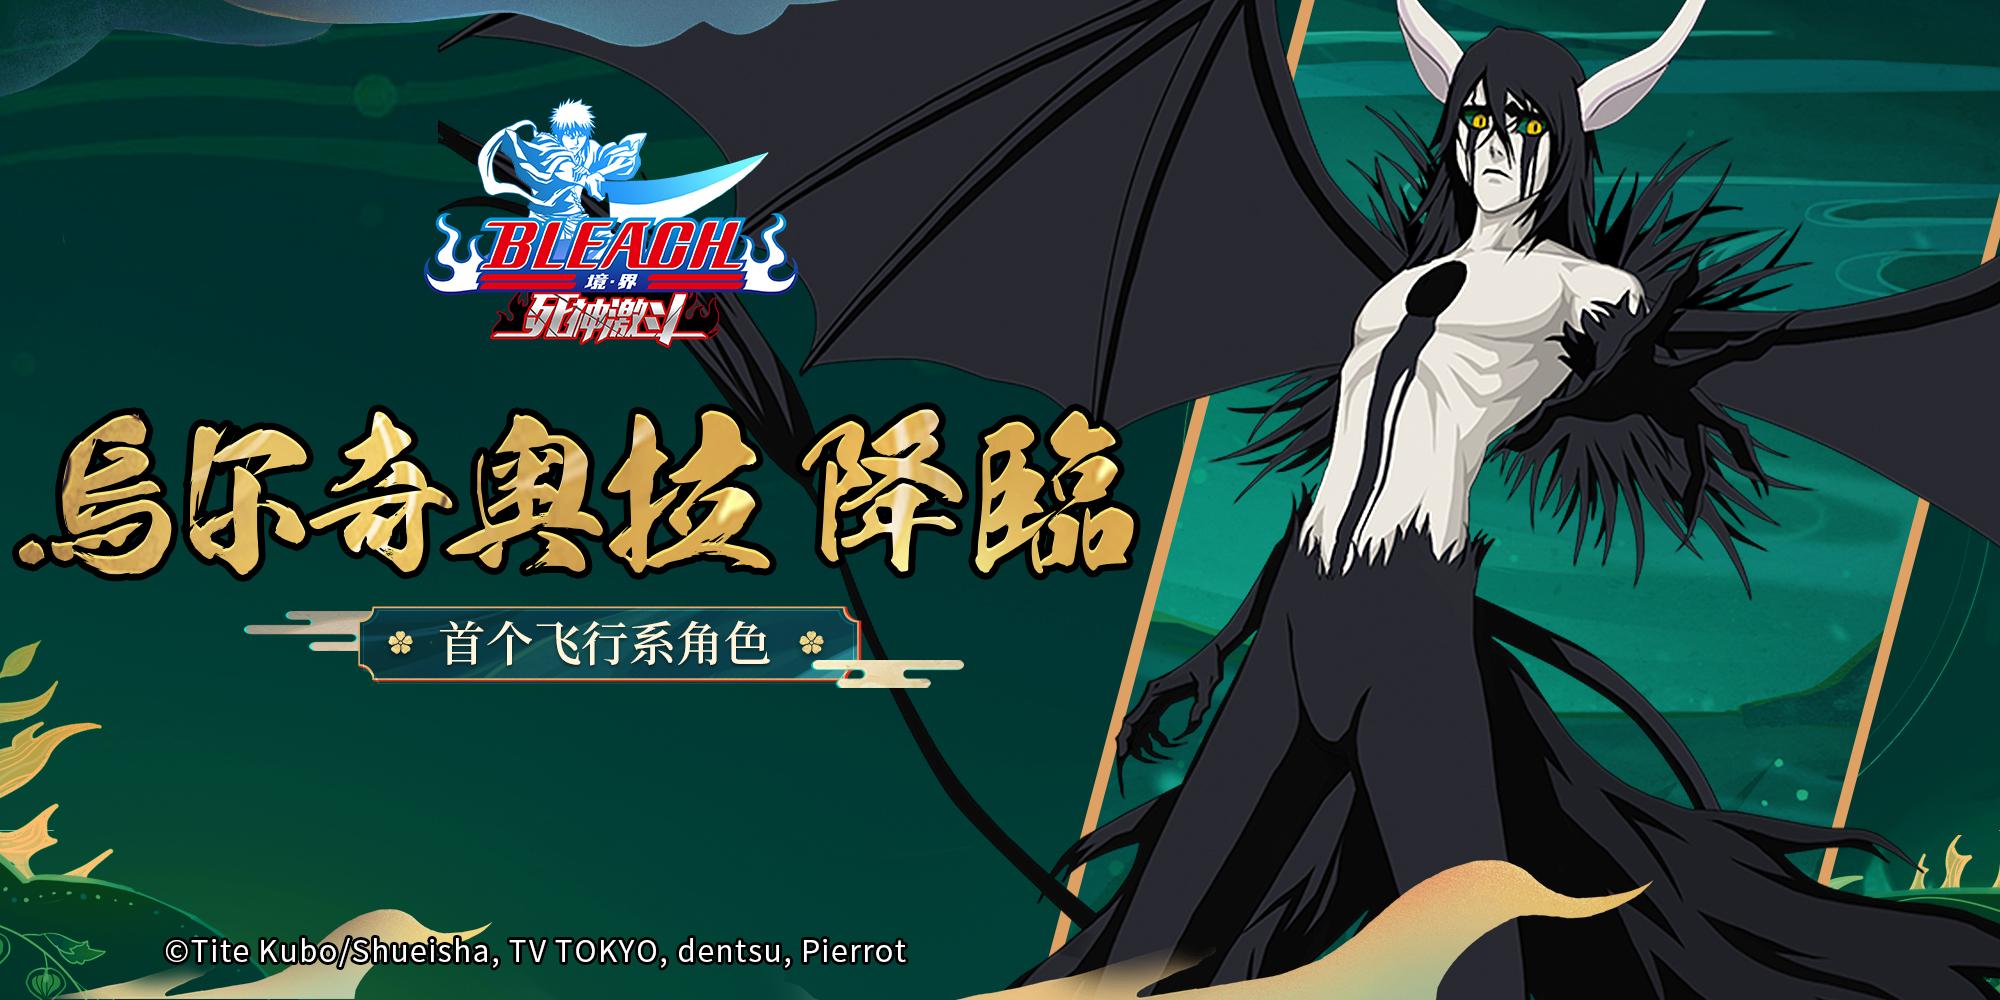 死神banner (2).jpg